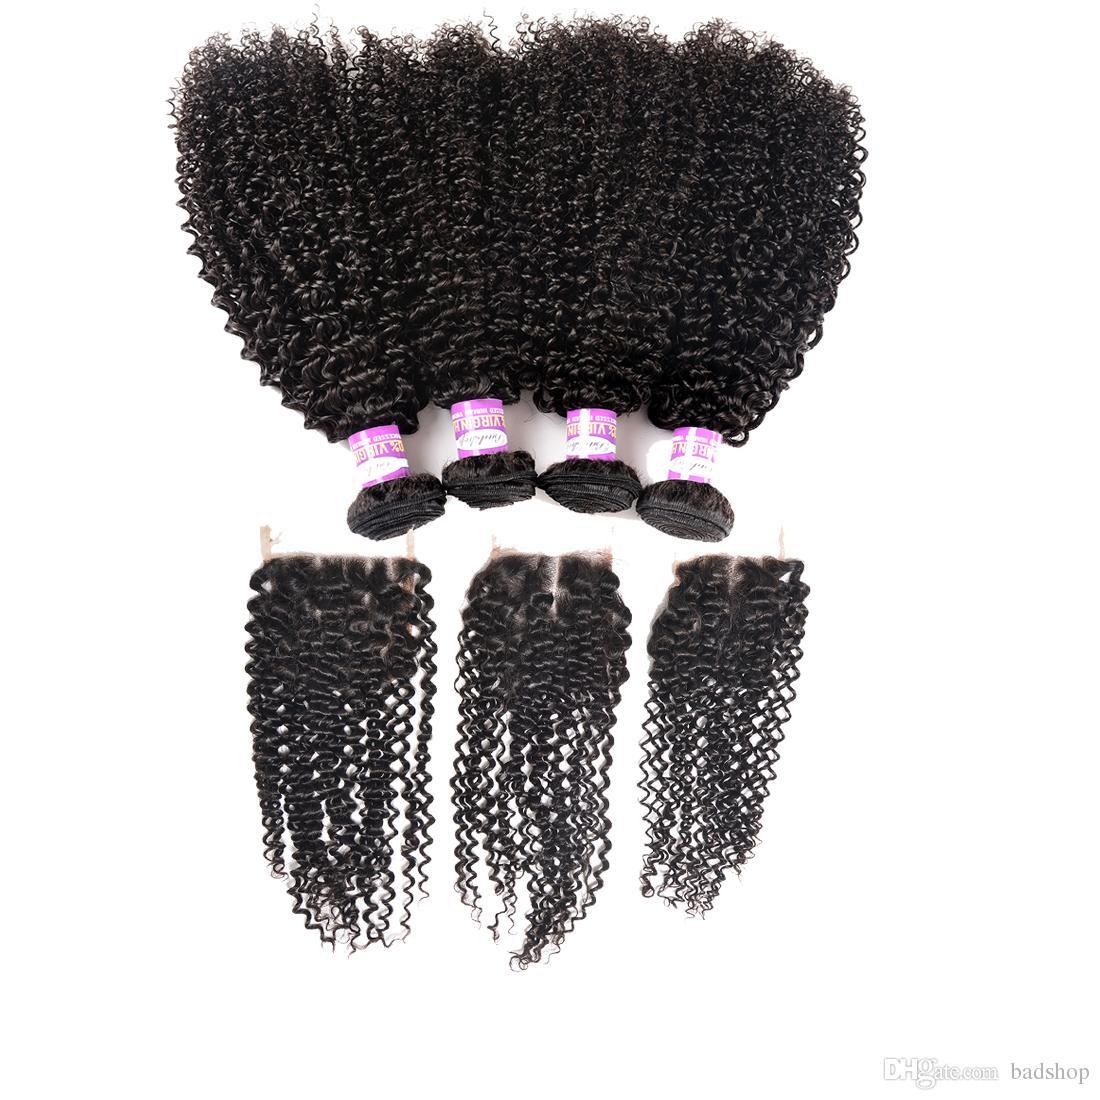 Mongol rizado rizado pelo con cierre de Mongolia Virgen del pelo con haces cordón de cierre de Mongolia profundamente rizado pelo humano 3 con el encierro